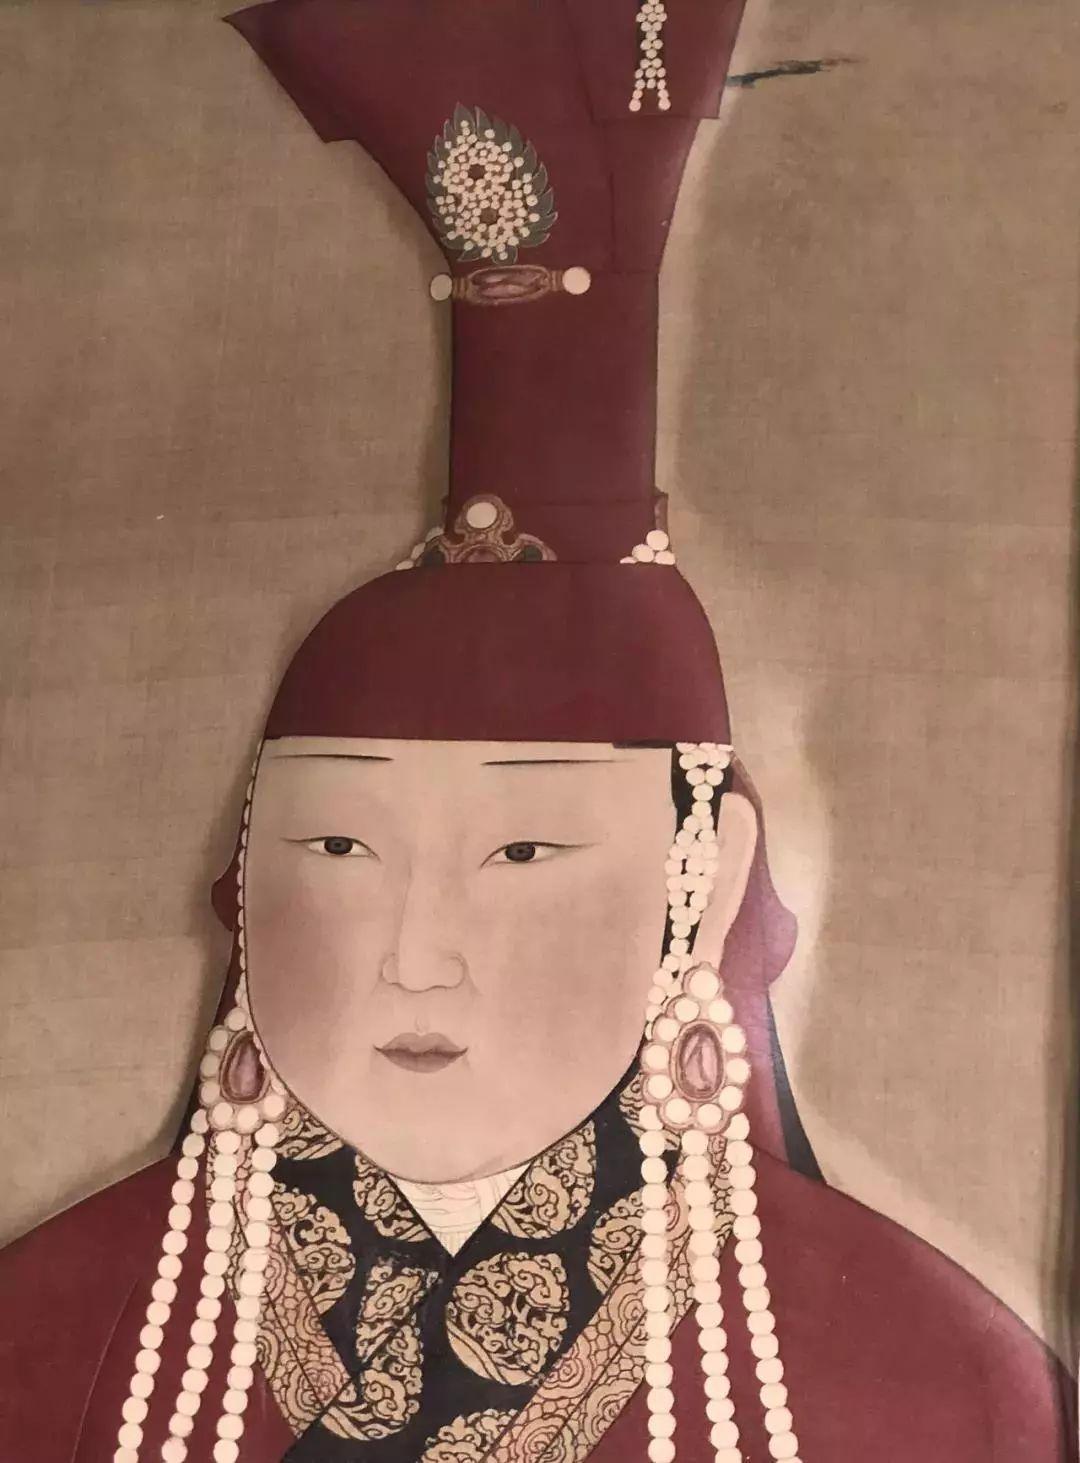 【蒙古文】阿拉善80后雕刻达人:薄牛皮上雕出3D立体画,啧啧令人称奇 第11张